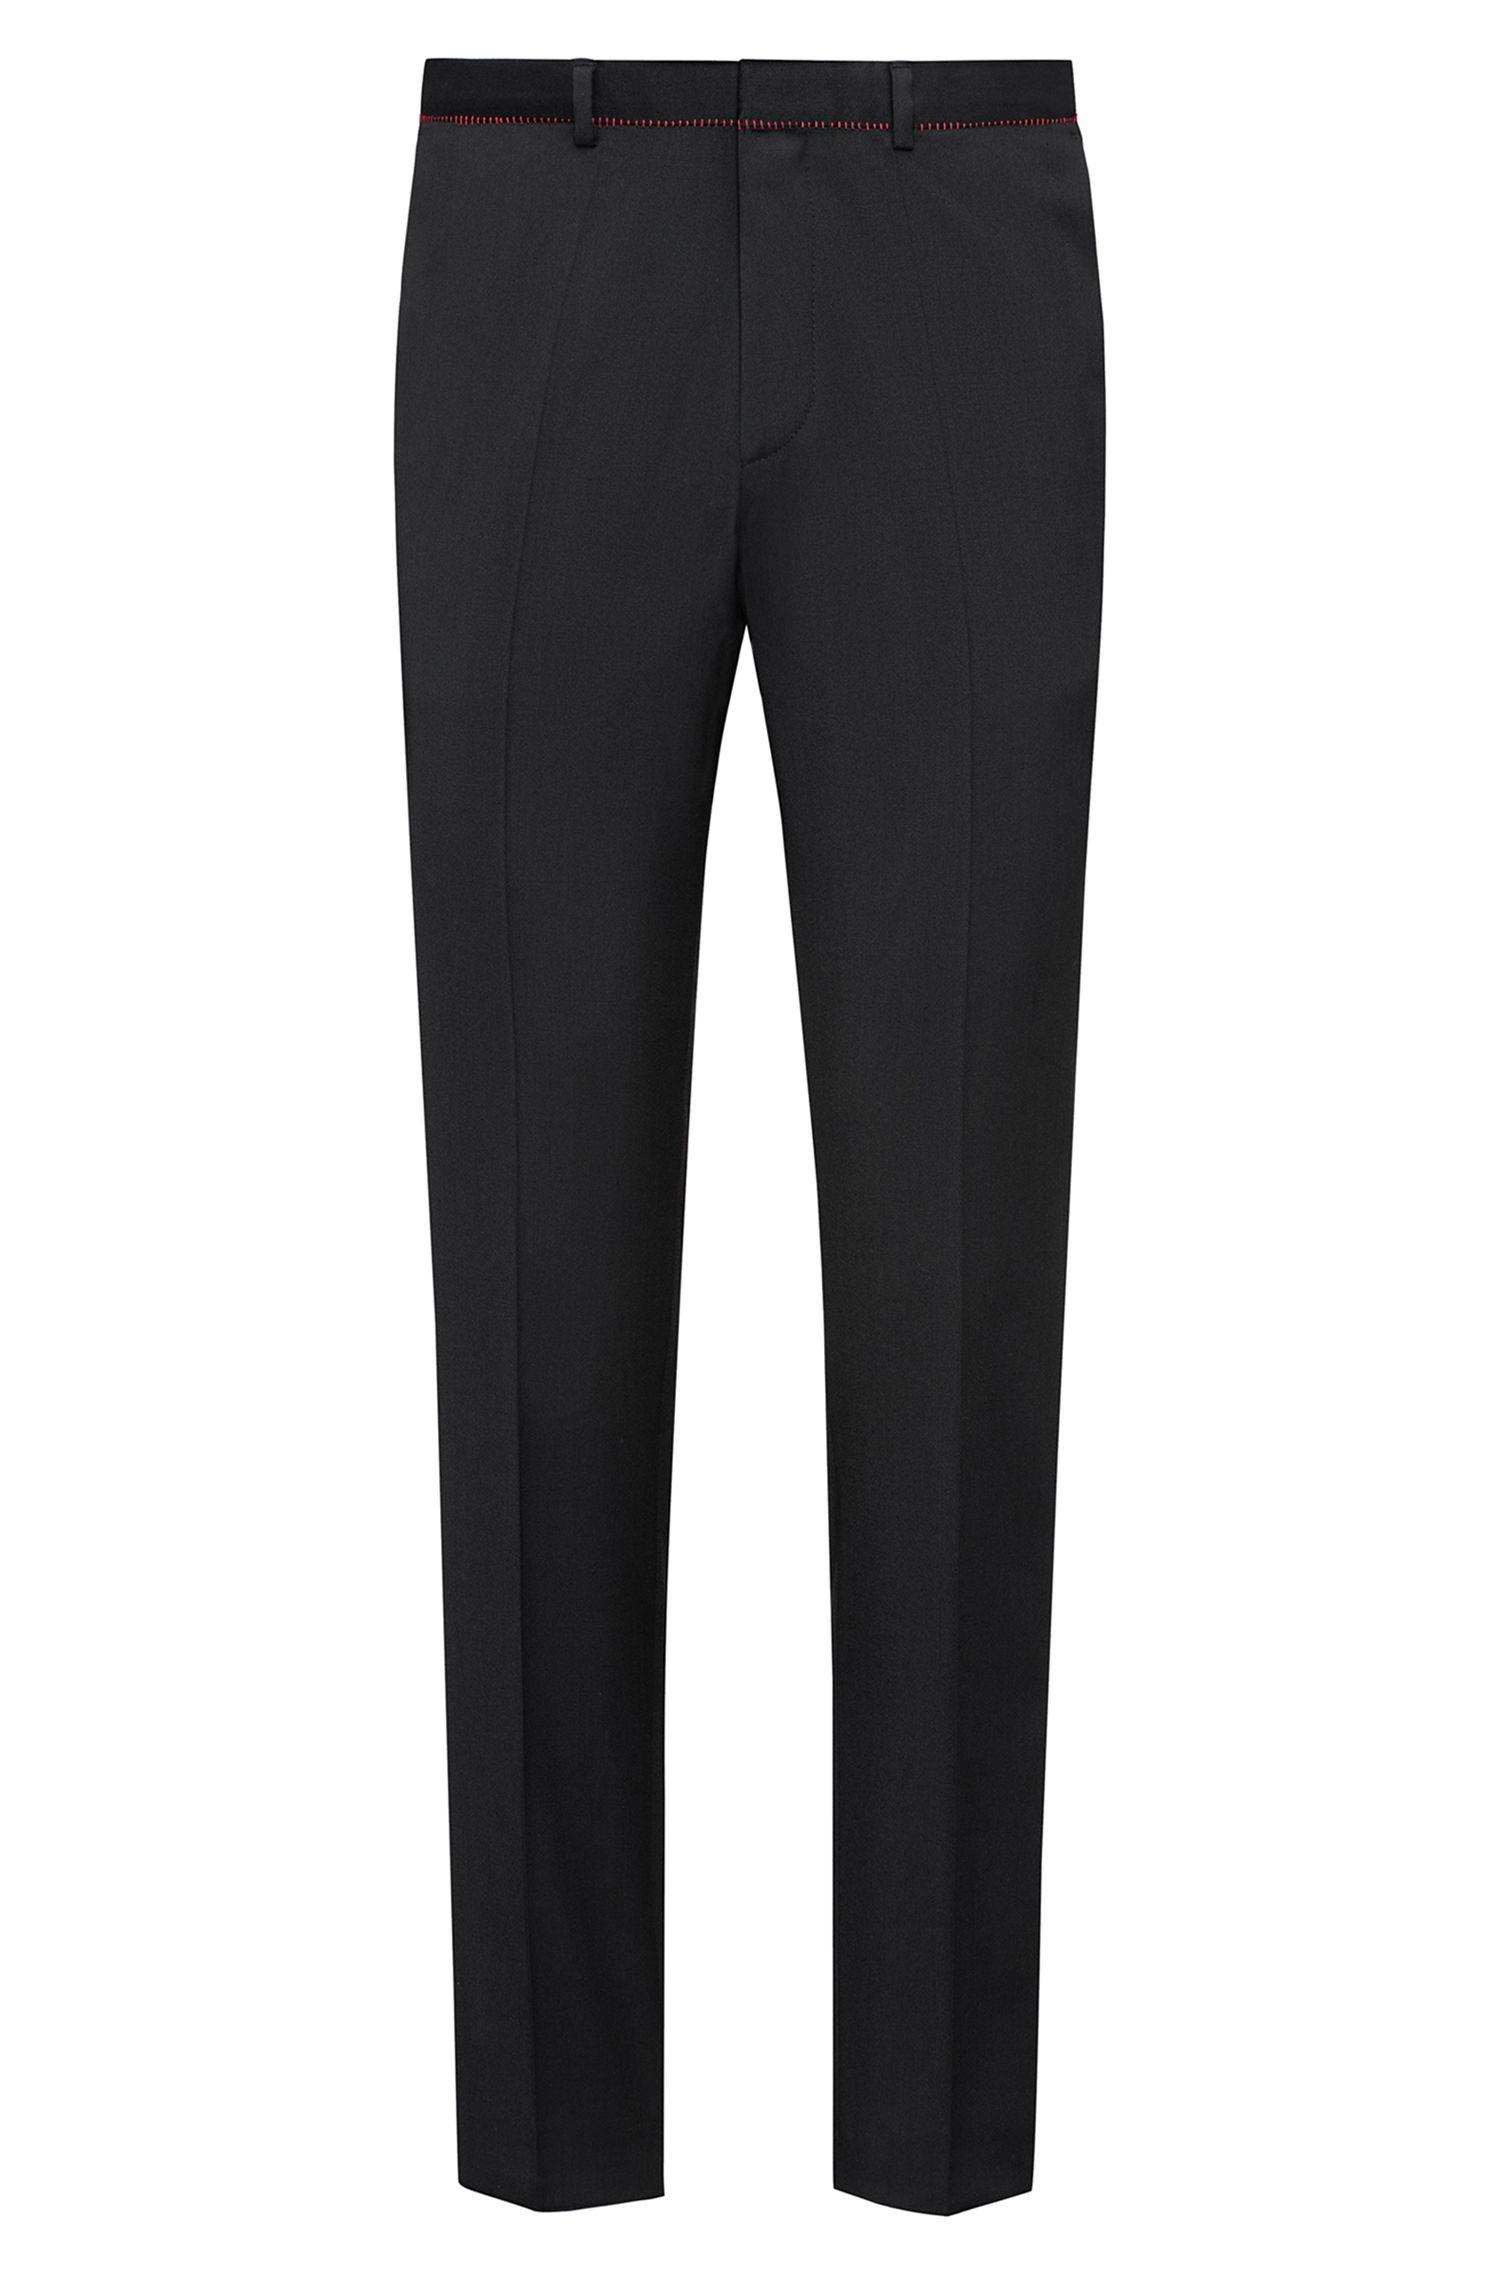 Pantalones extra slim fit en lana virgen con detalles en rojo